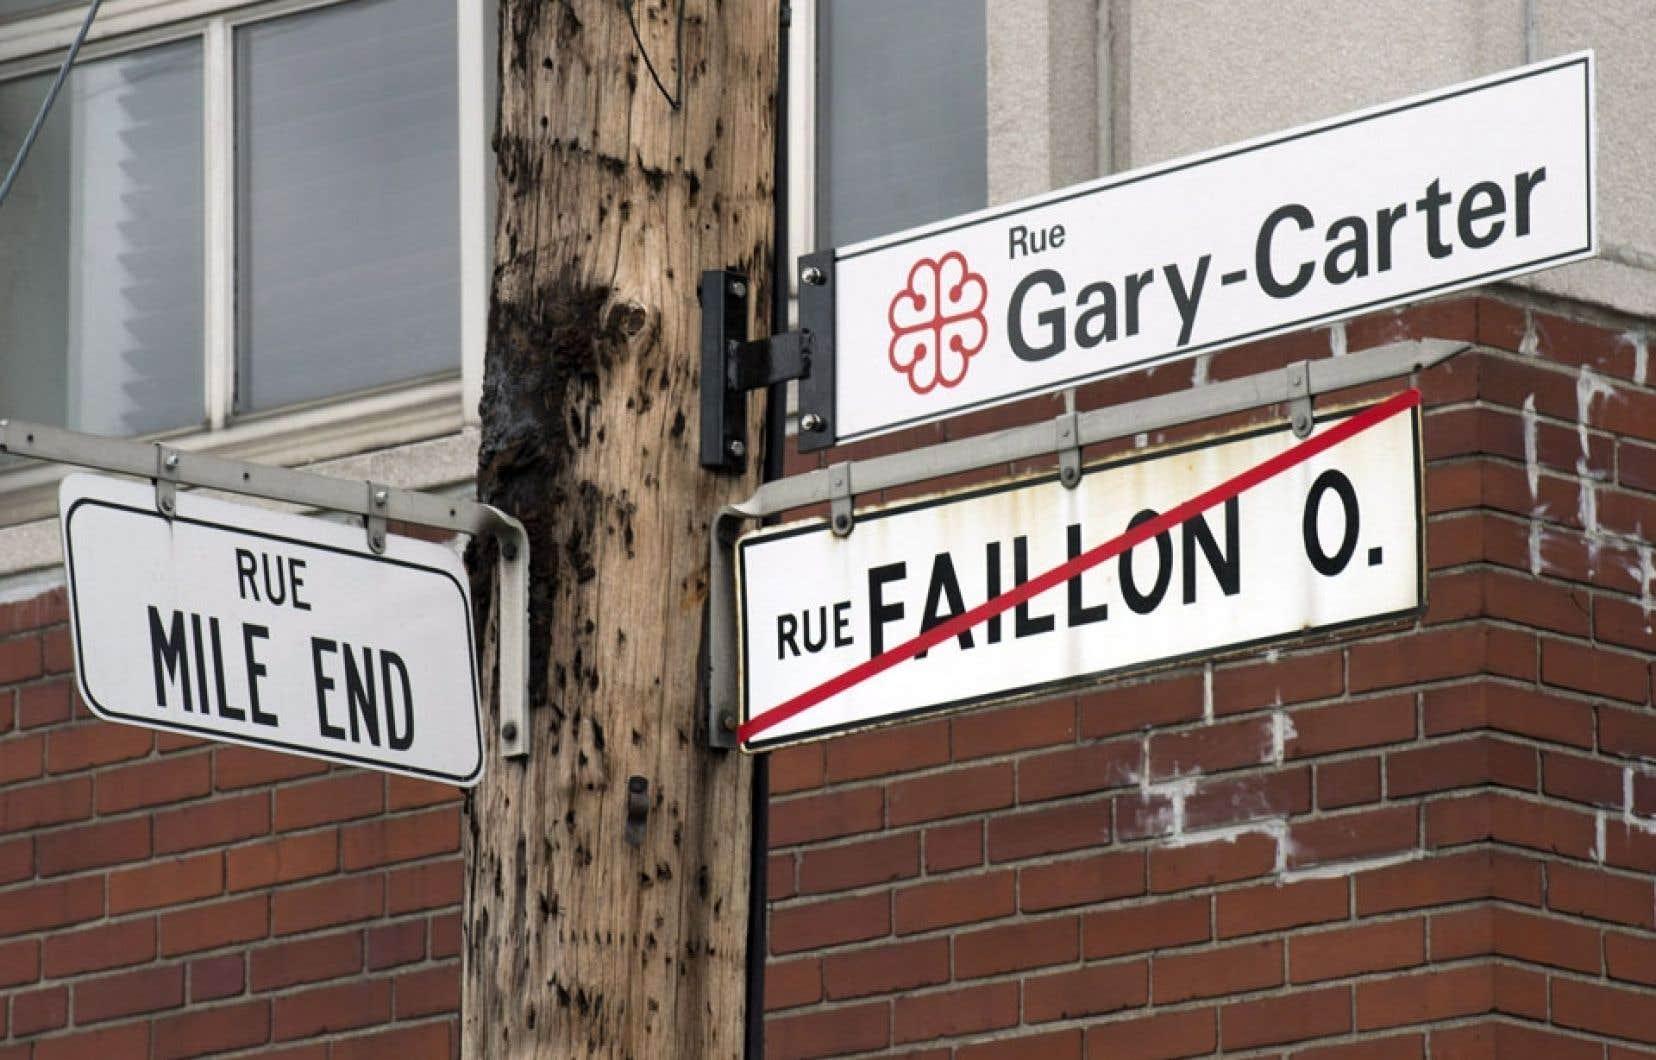 Un hommage à Gary Carter est désormais rendu aux abords du parc Jarry.